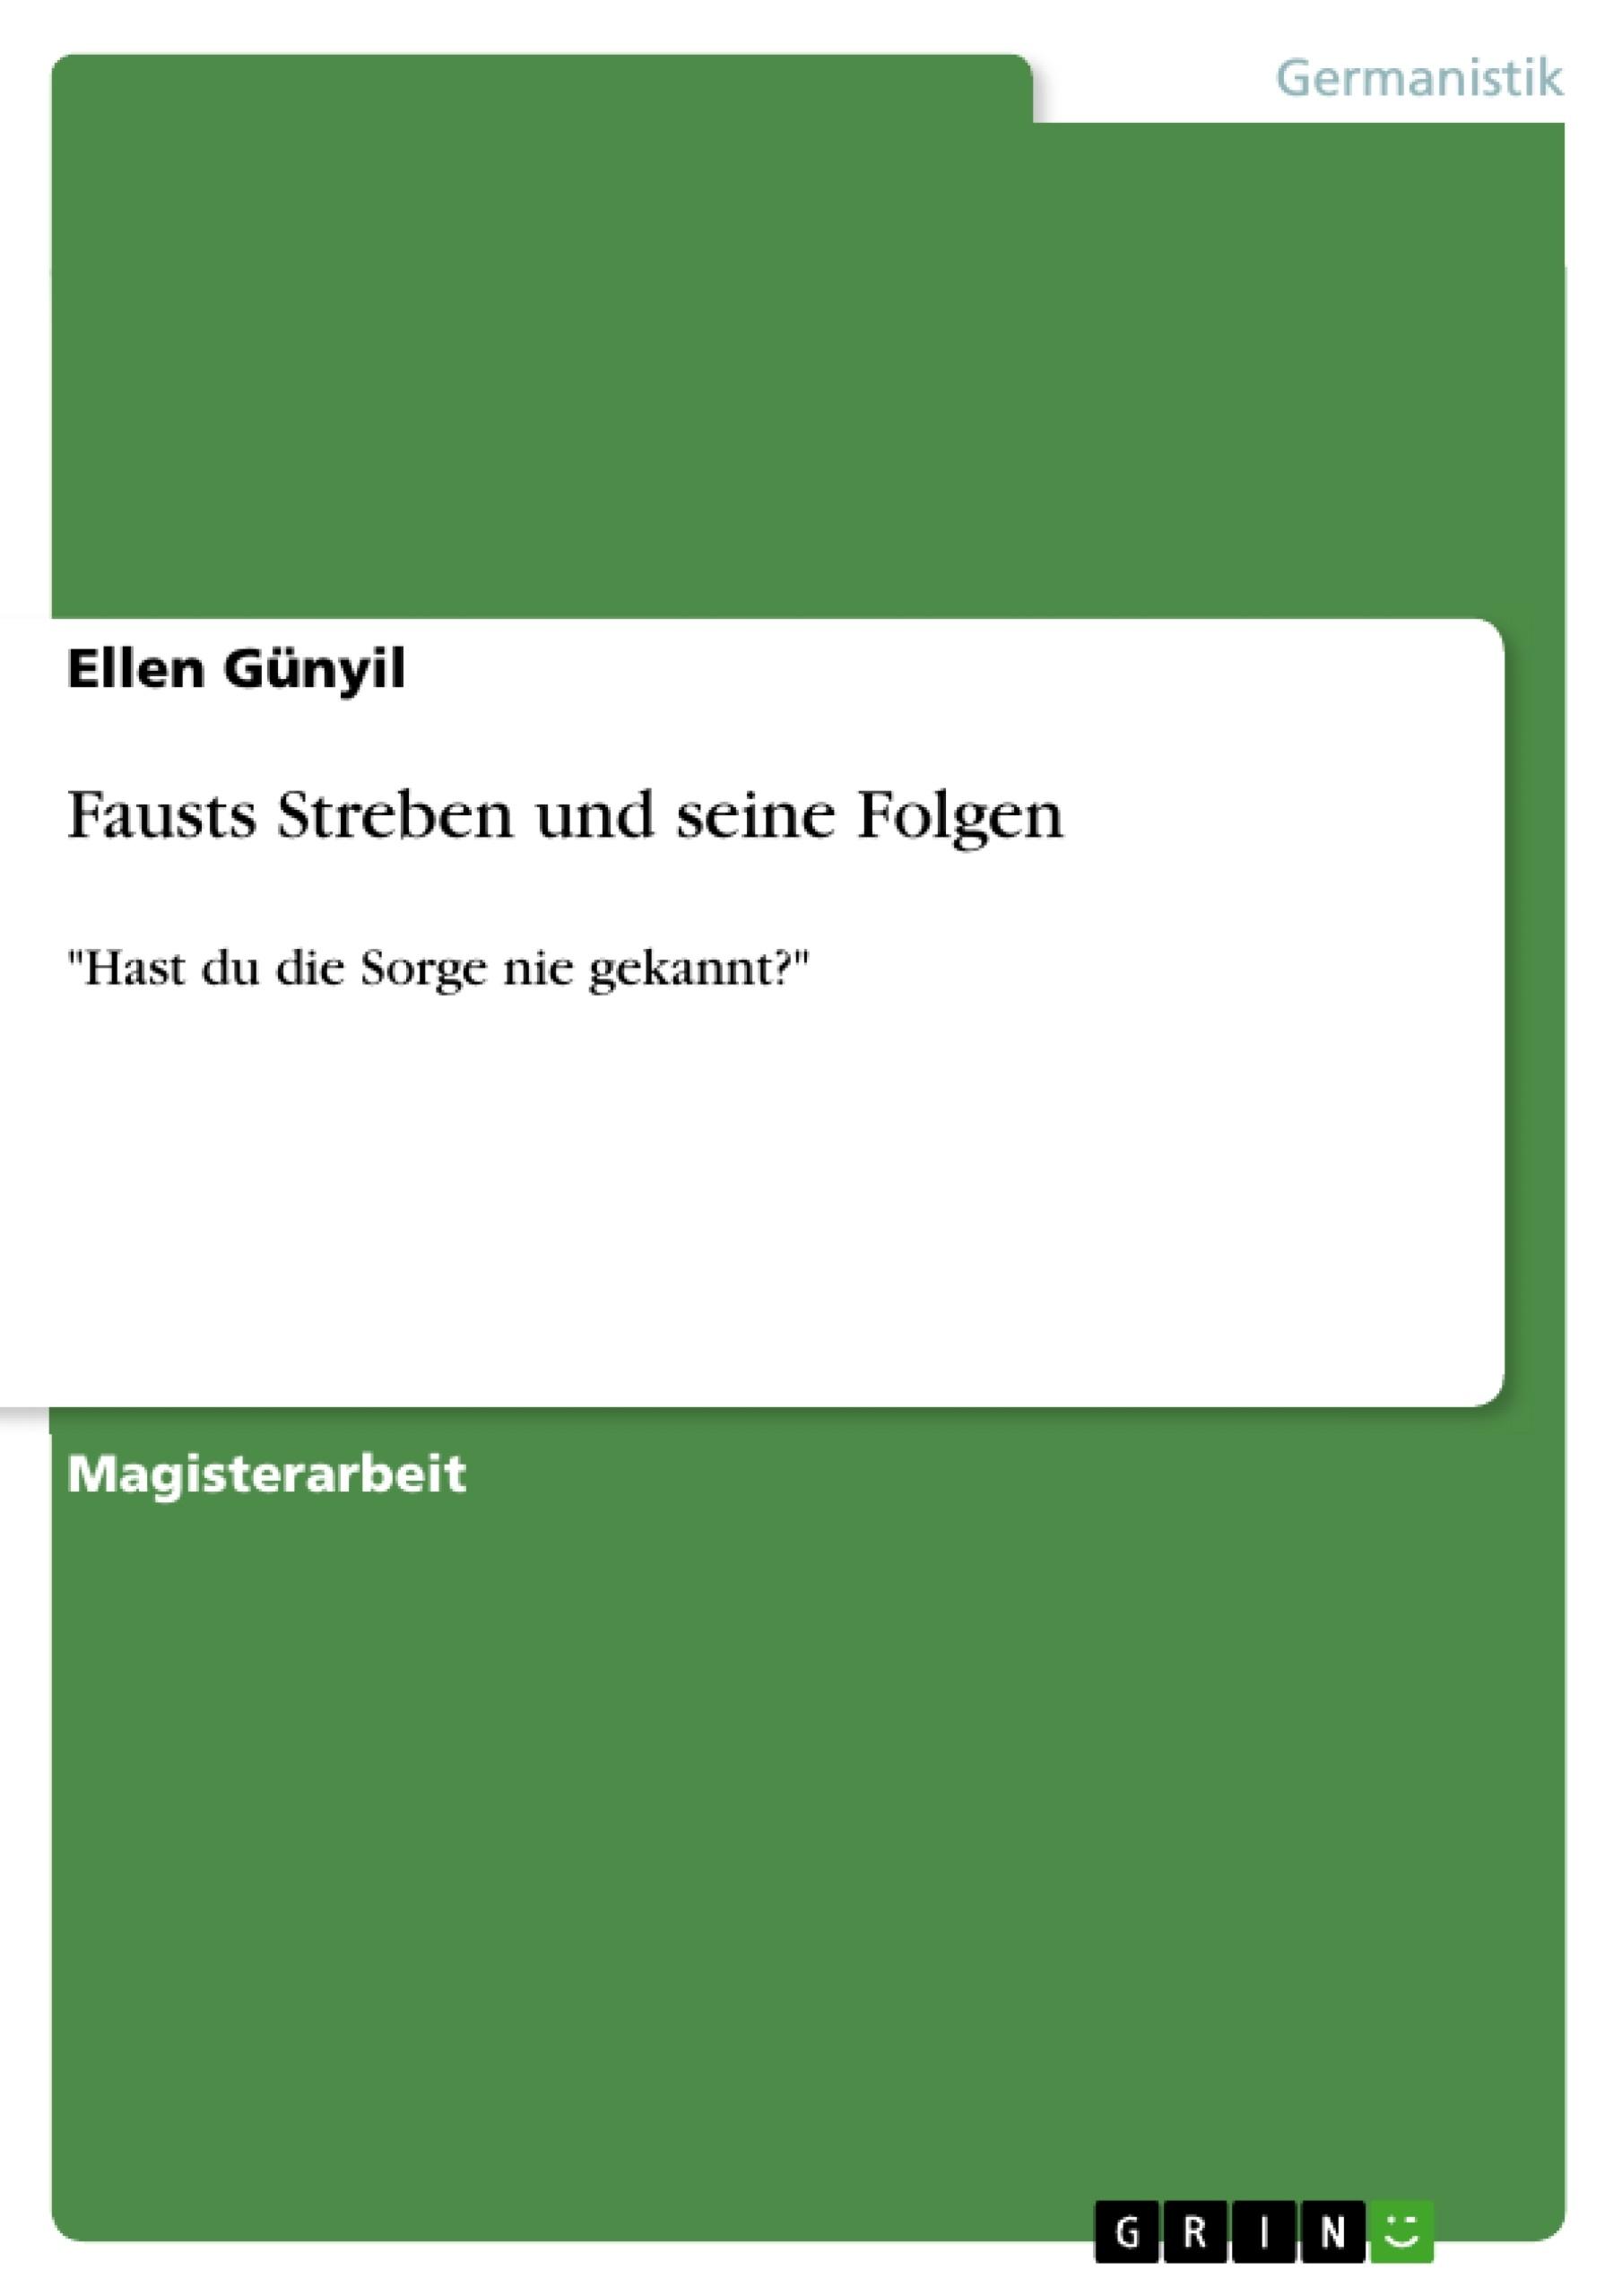 Titel: Fausts Streben und seine Folgen